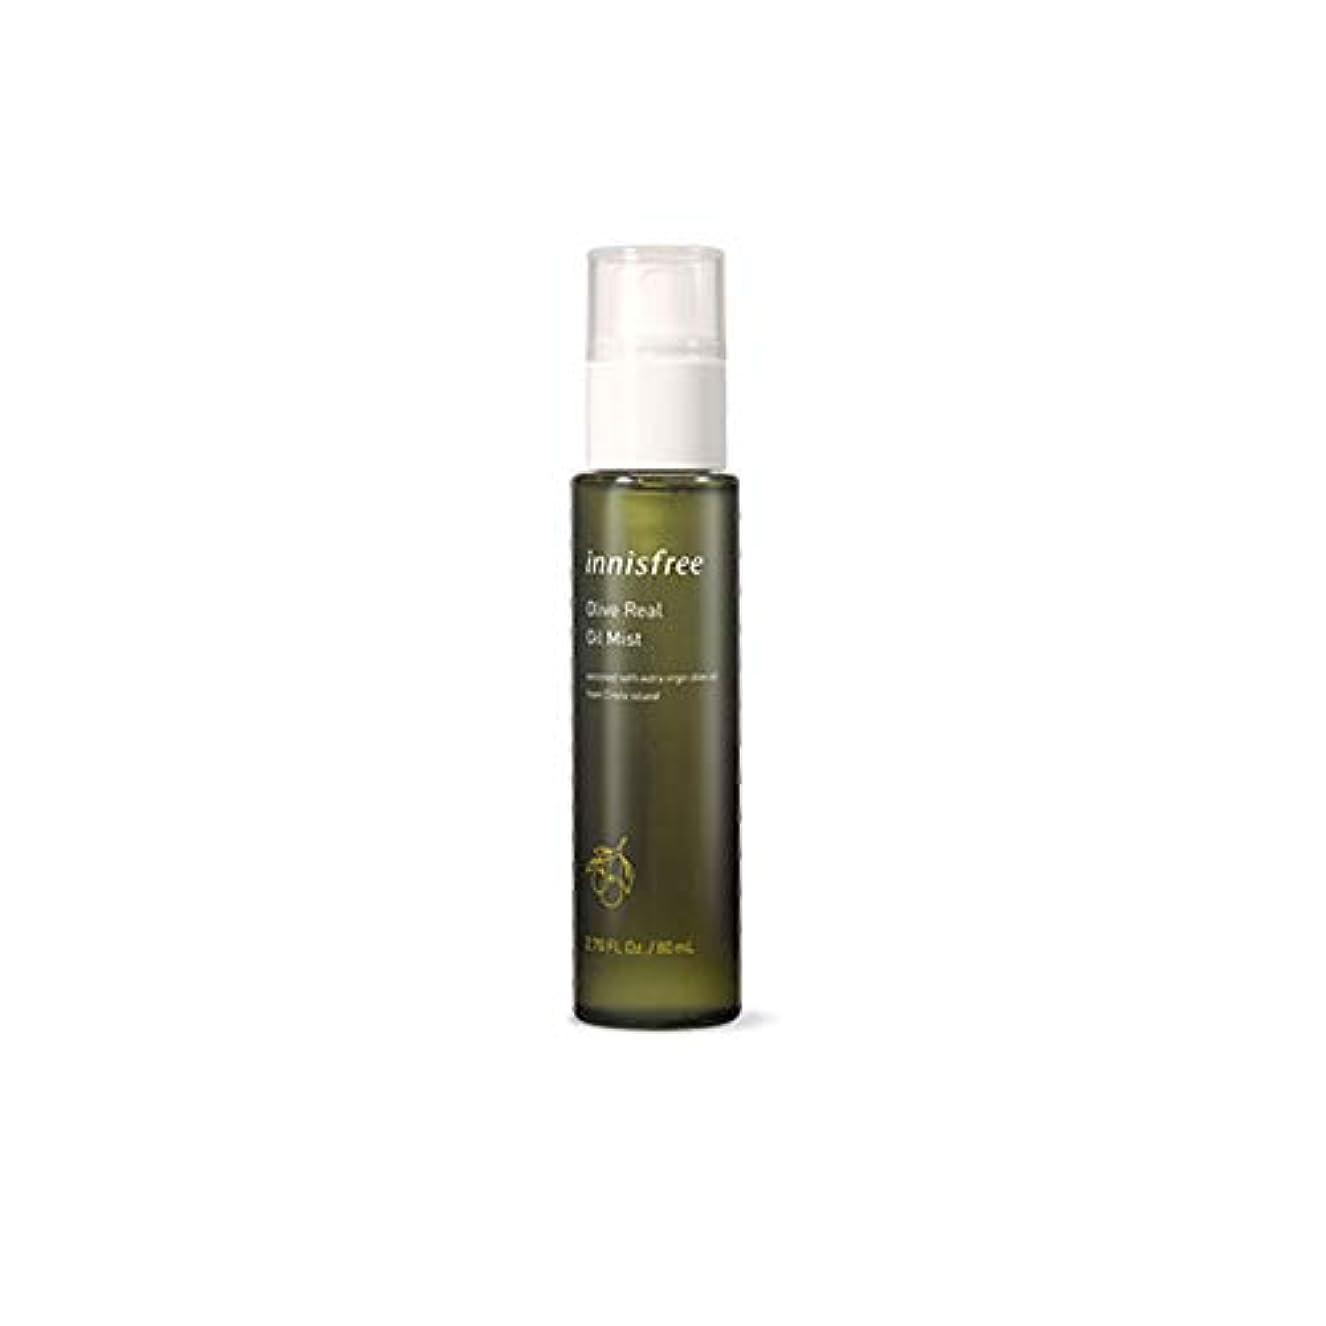 騒乱覆すサイトラインNEW[イニスフリー] Innisfree オリーブ リアル オイル ミスト EX(80ml) Innisfree Olive Real Oil Mist EX(80ml) [海外直送品]